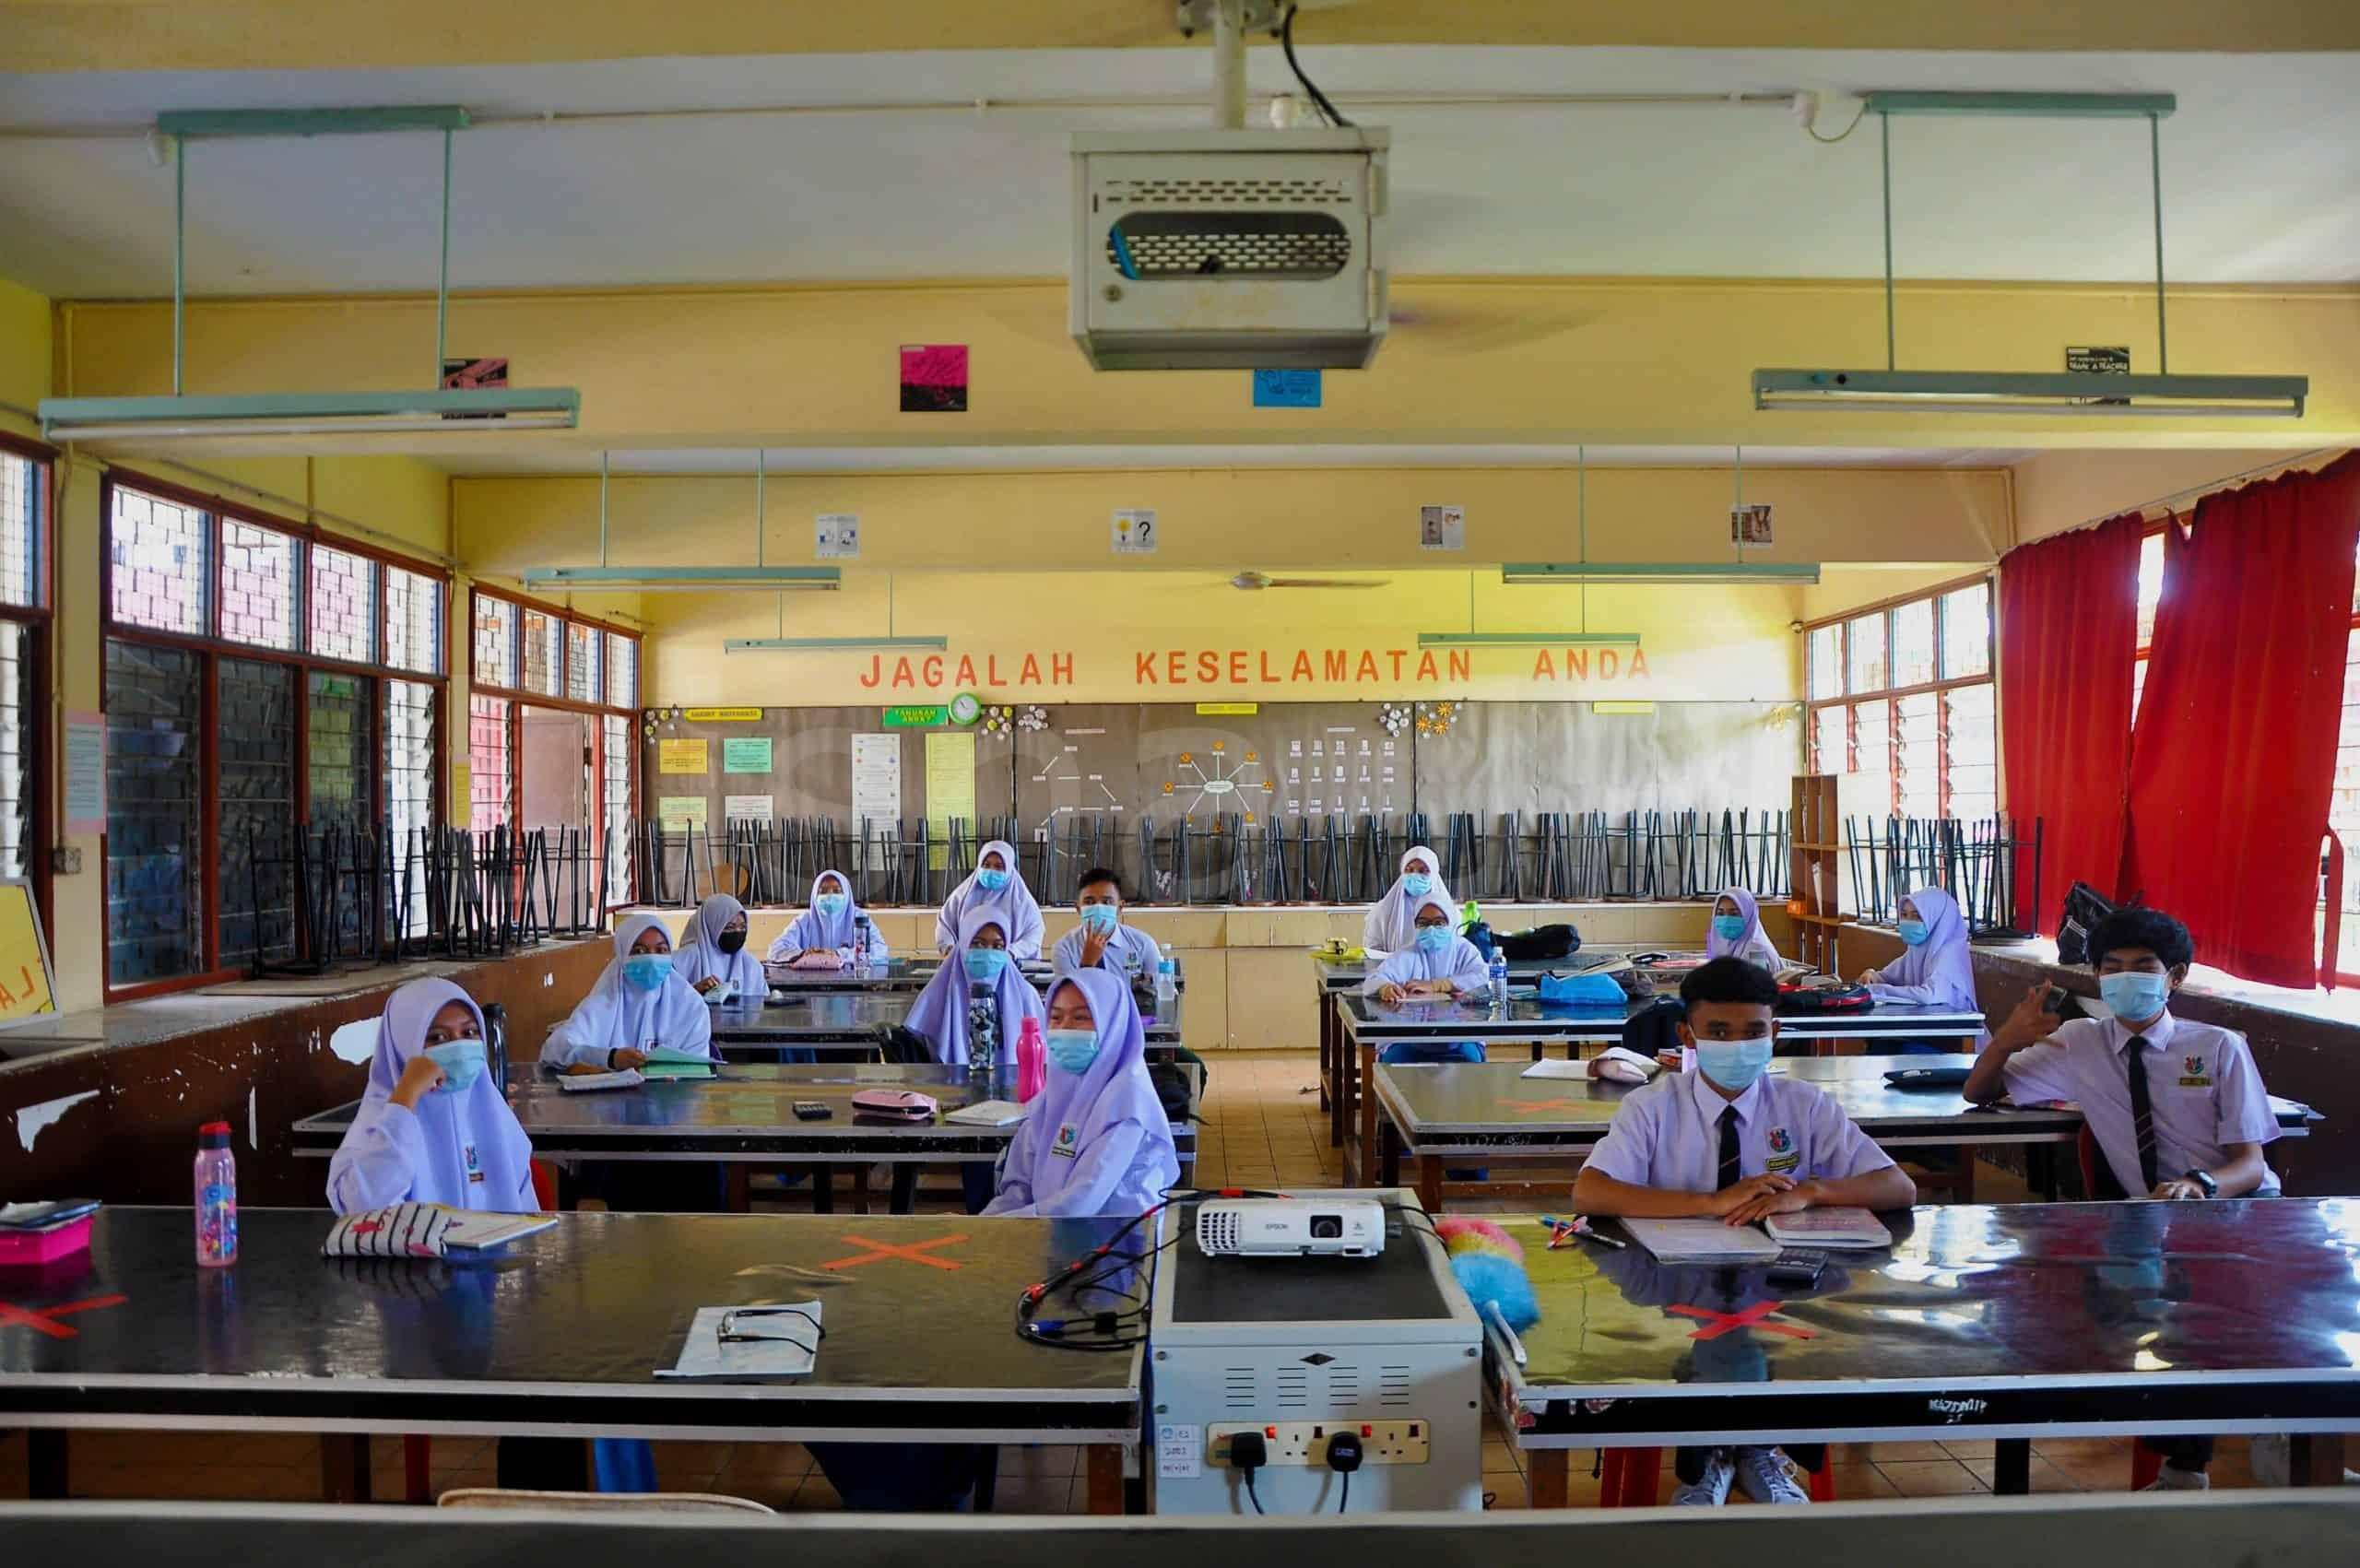 Sesi pembukaan sekolah SMK Merotai Besar Tawau – Disha Jalani